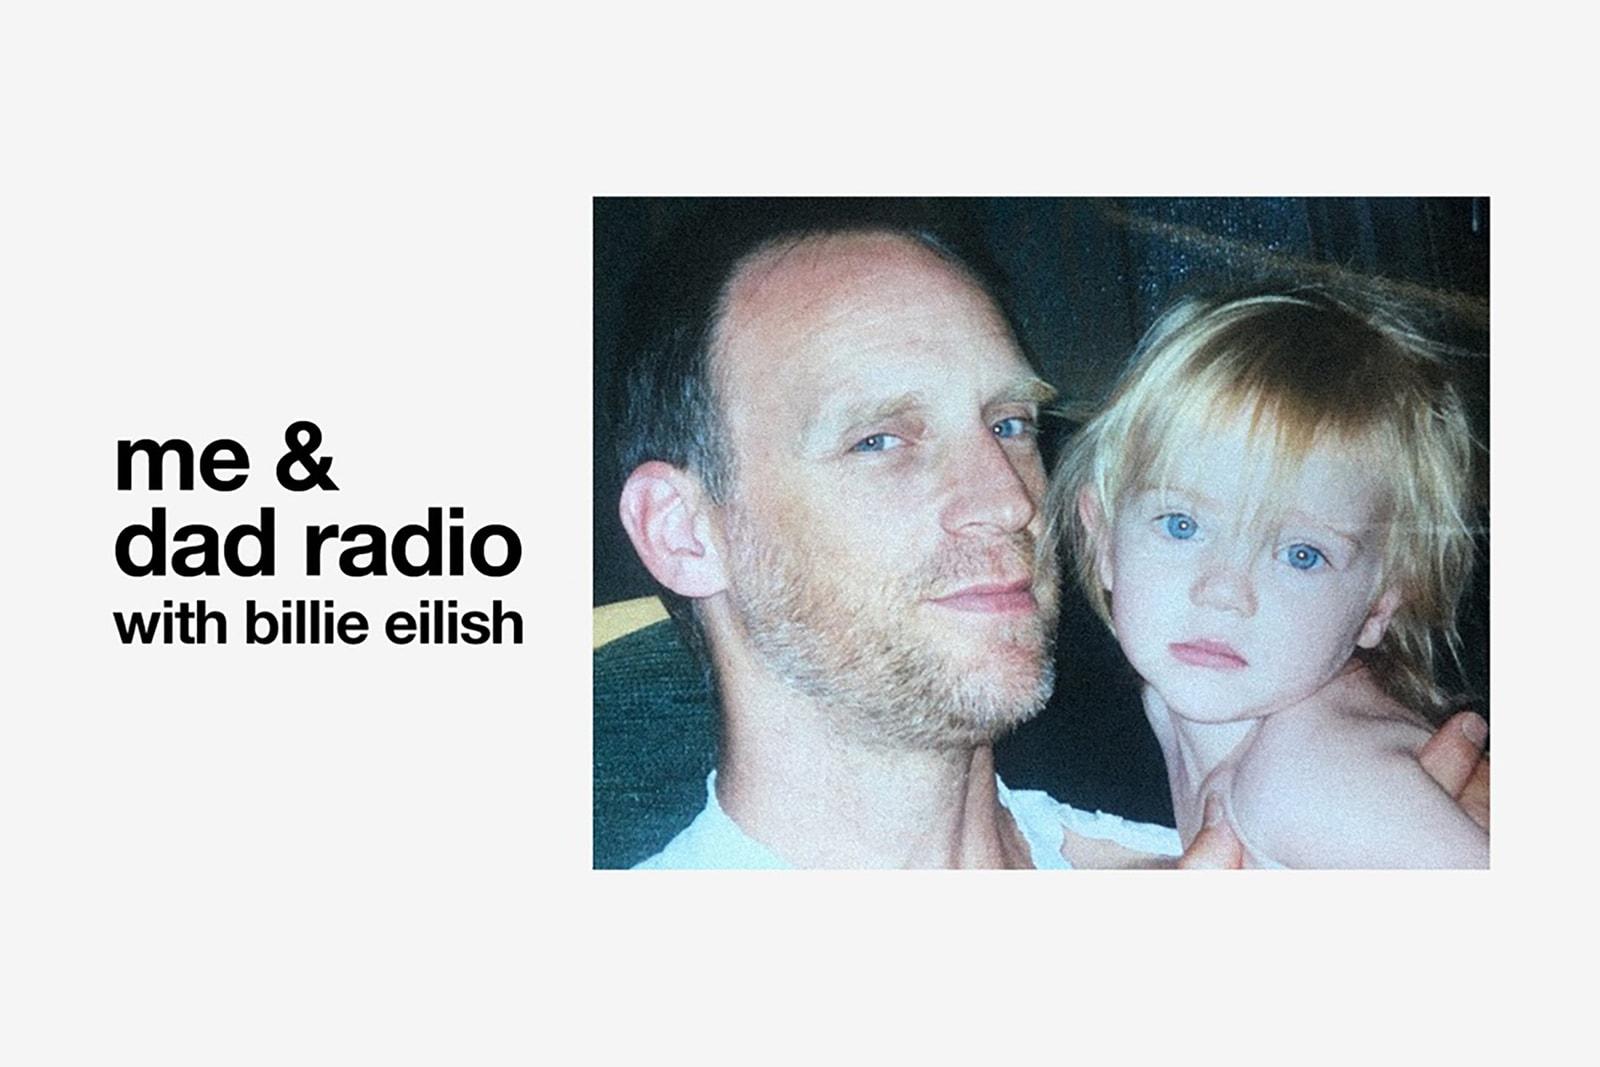 獨家:Billie Eilish 與 Apple Music 分享隔離期間的創作、與父親的電台節目以及與歌迷一起成長的故事